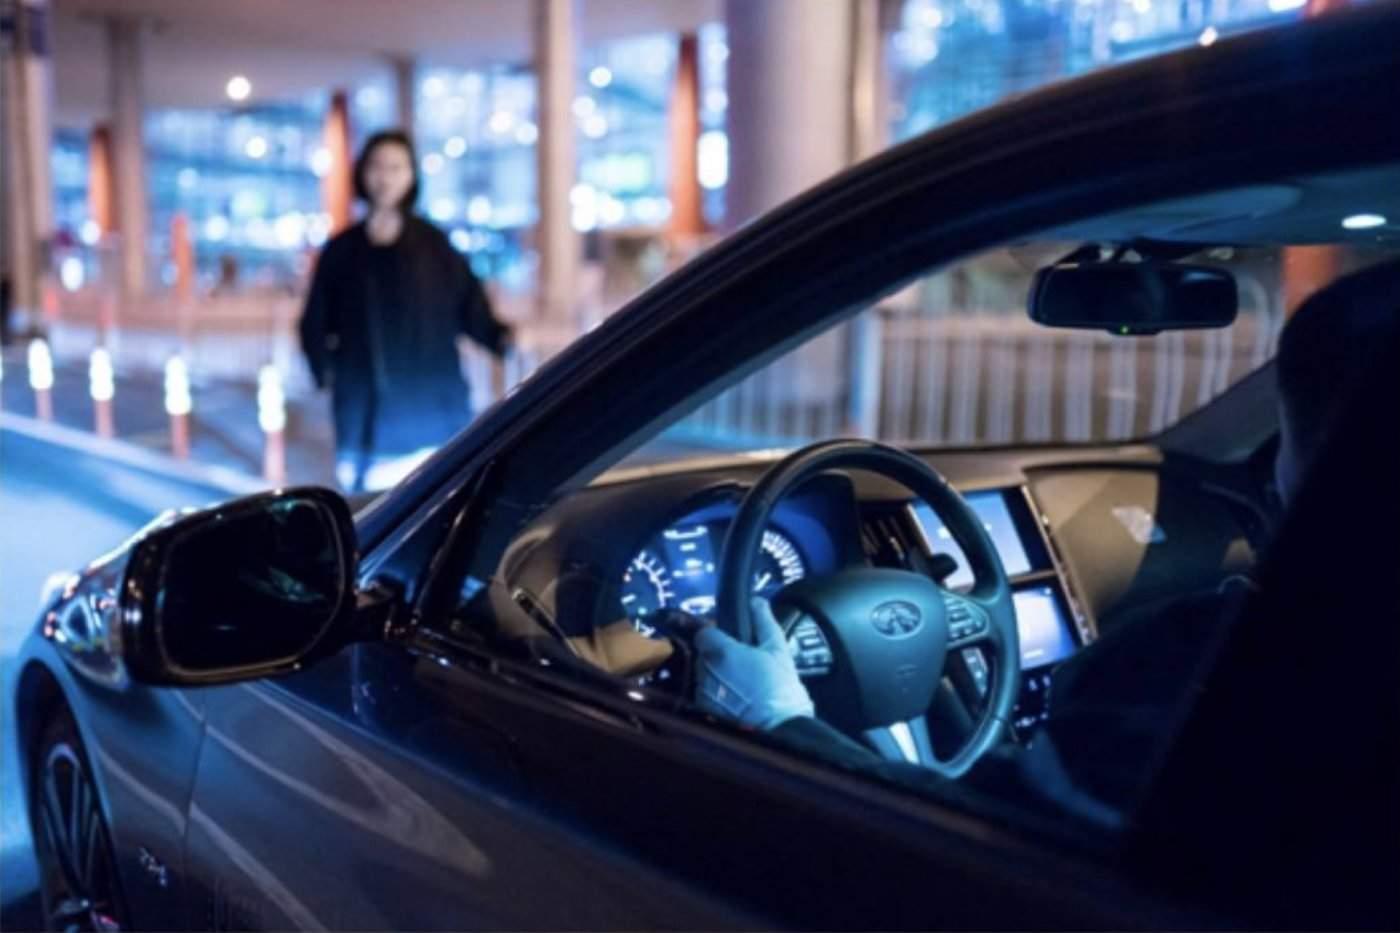 中国网约车平台订单榜:花小猪第8,美团打车第5,第一名难以撼动